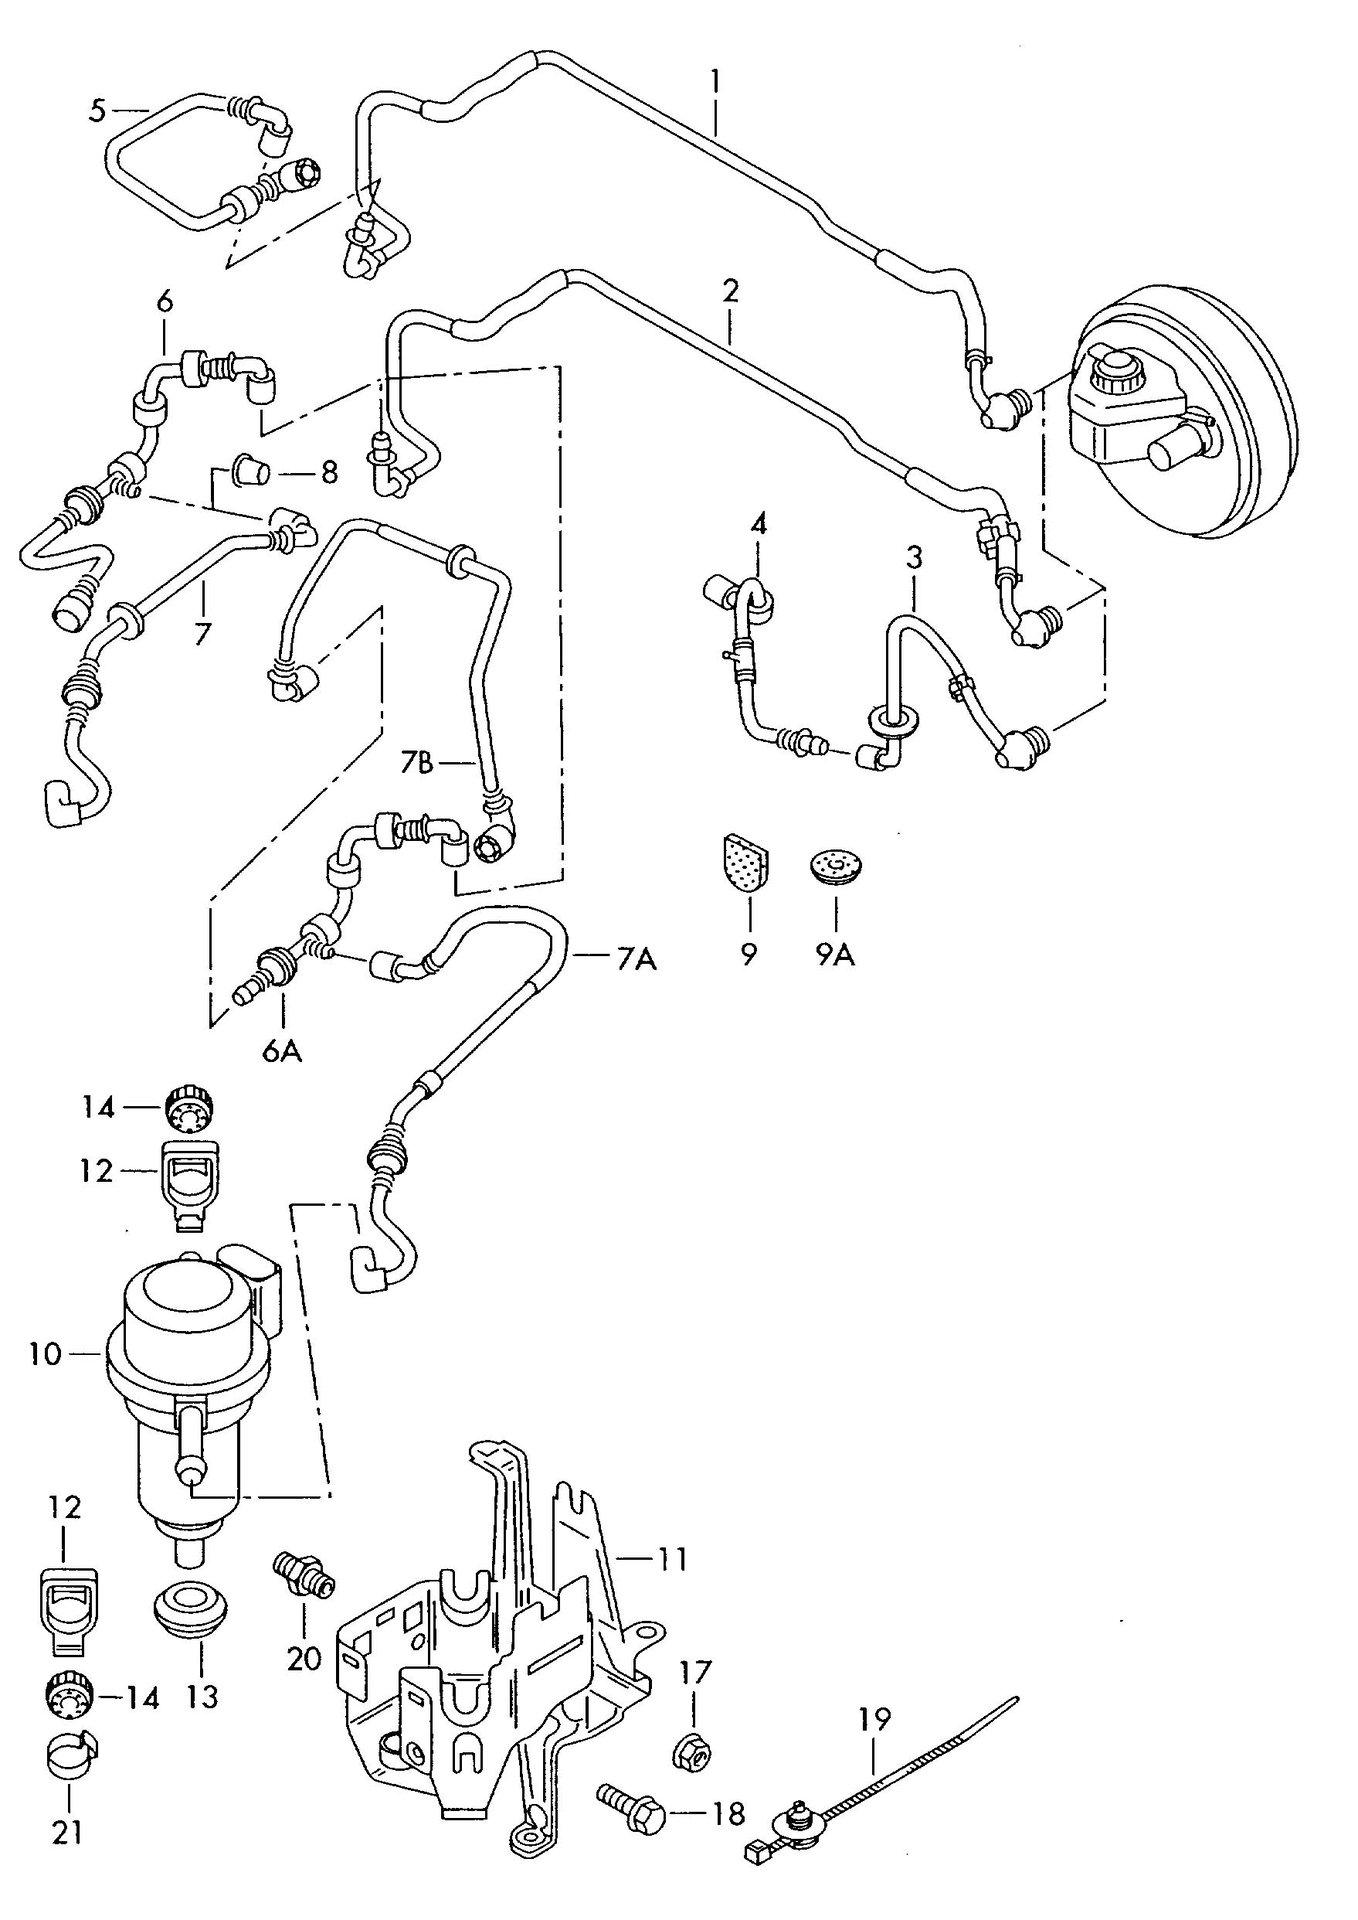 39 05 v6 size source for vacuum line to brake system vac. Black Bedroom Furniture Sets. Home Design Ideas